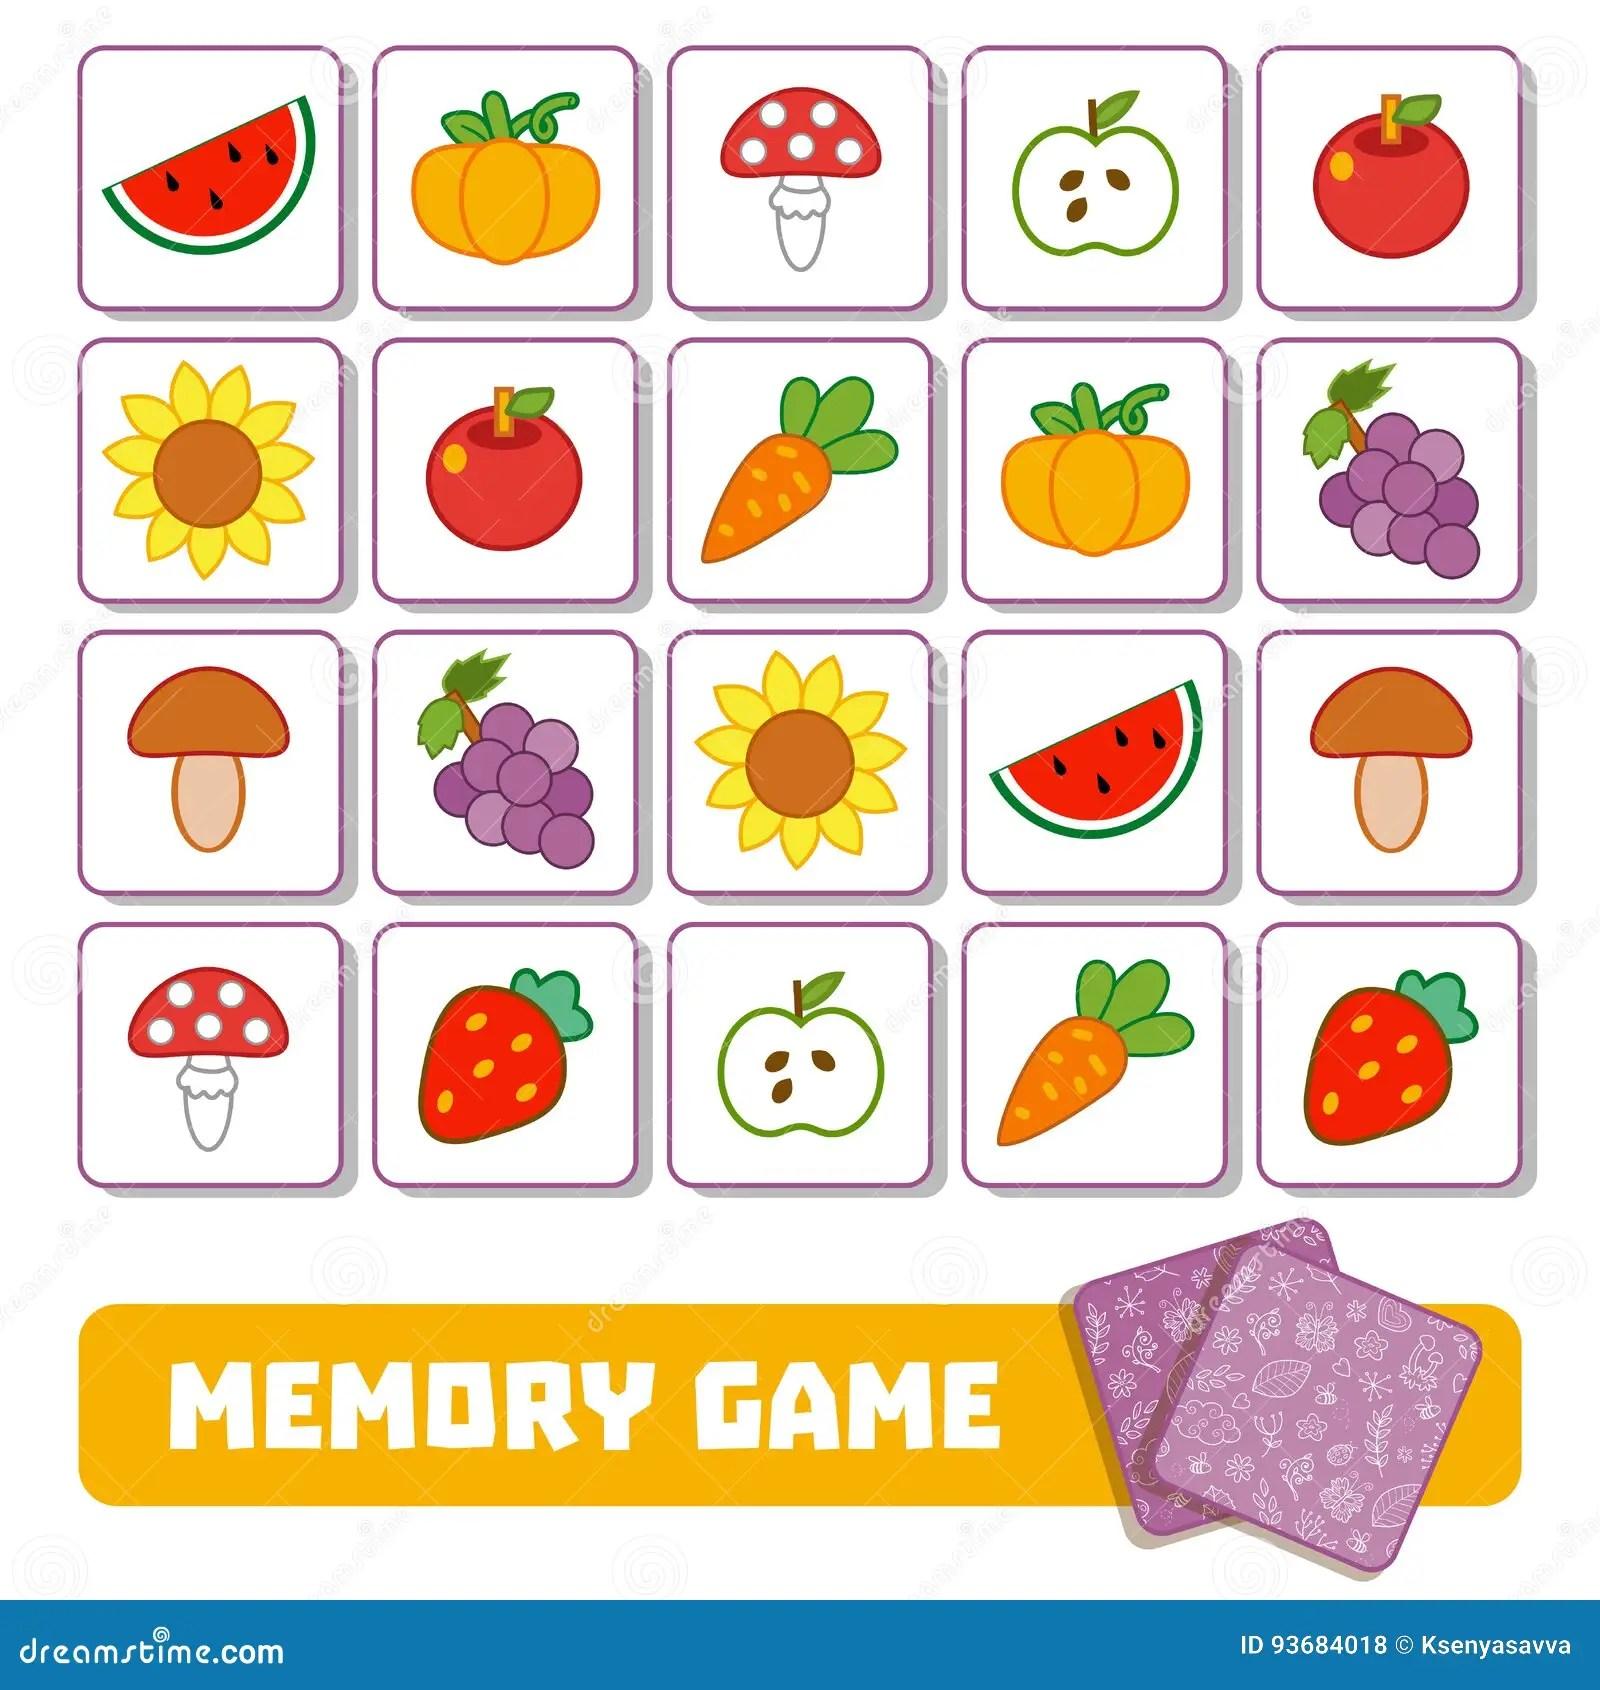 Jeu De Memoire Pour Les Enfants Cartes Avec Des Fruits Et